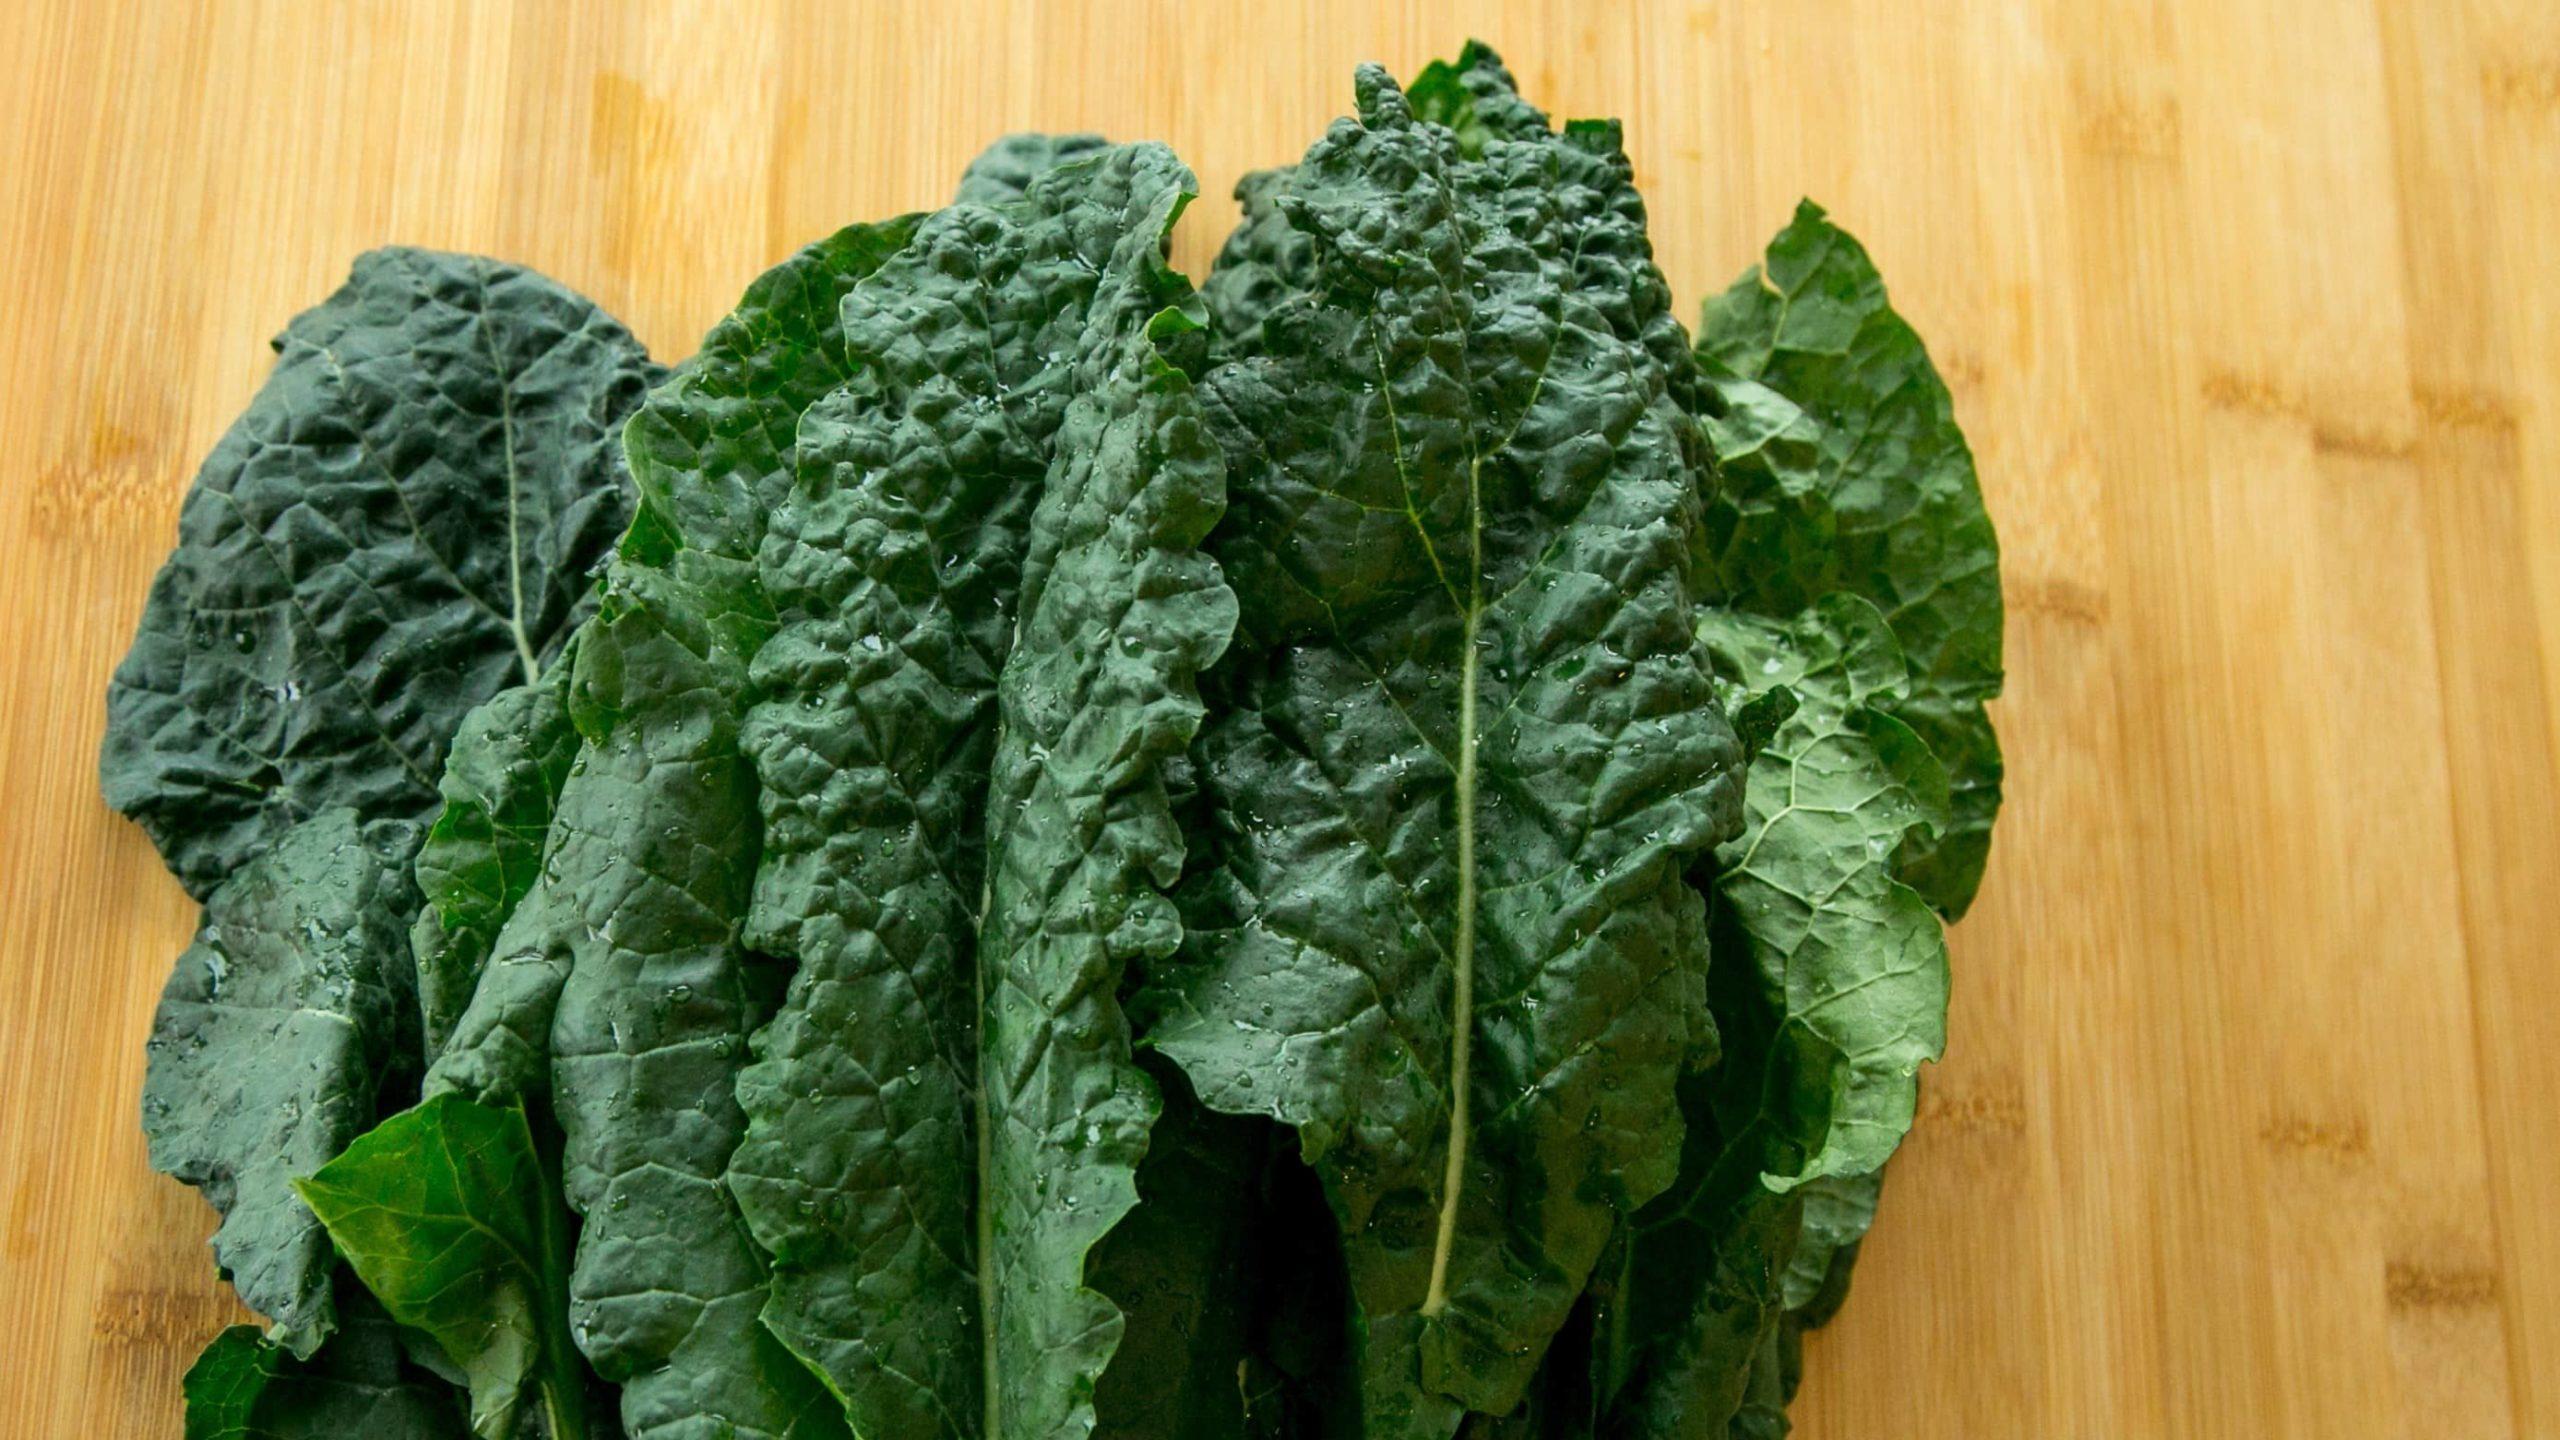 manfaat daun kale